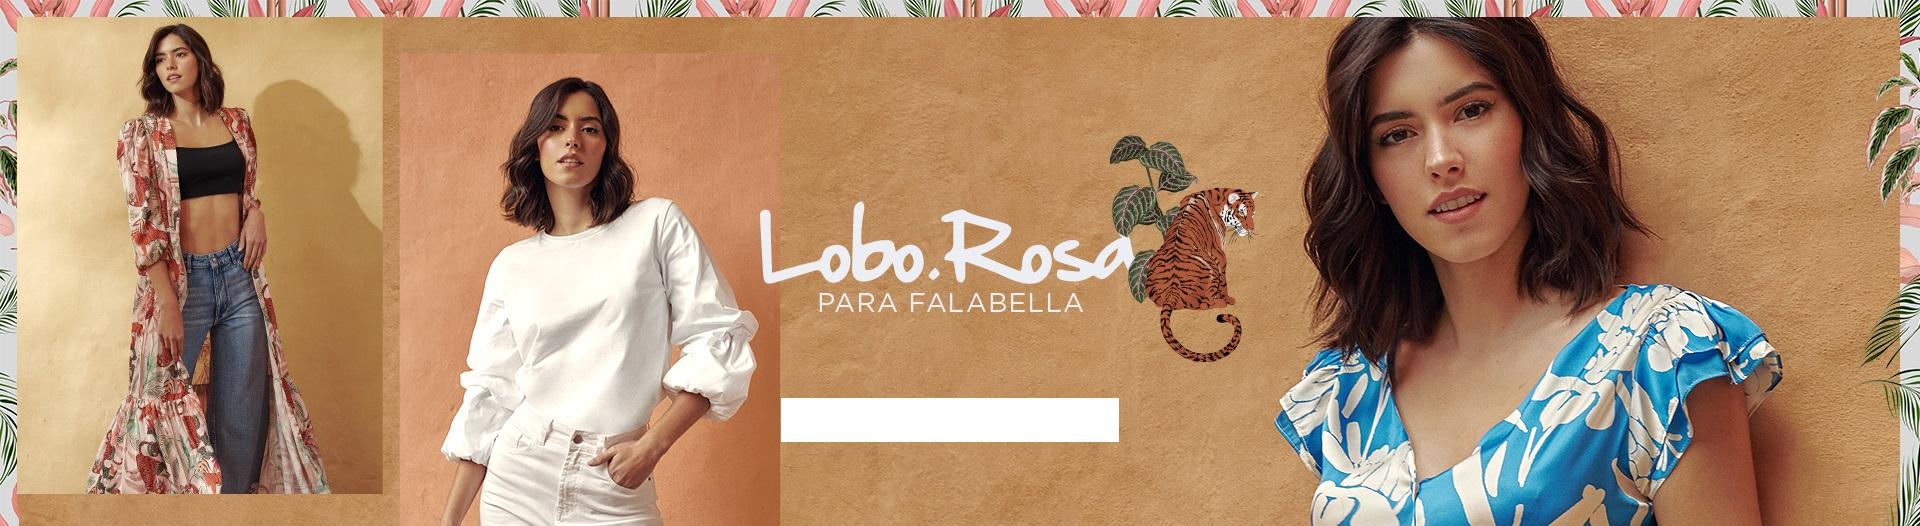 Paulina Vega Colección Lobo Rosa Falabella